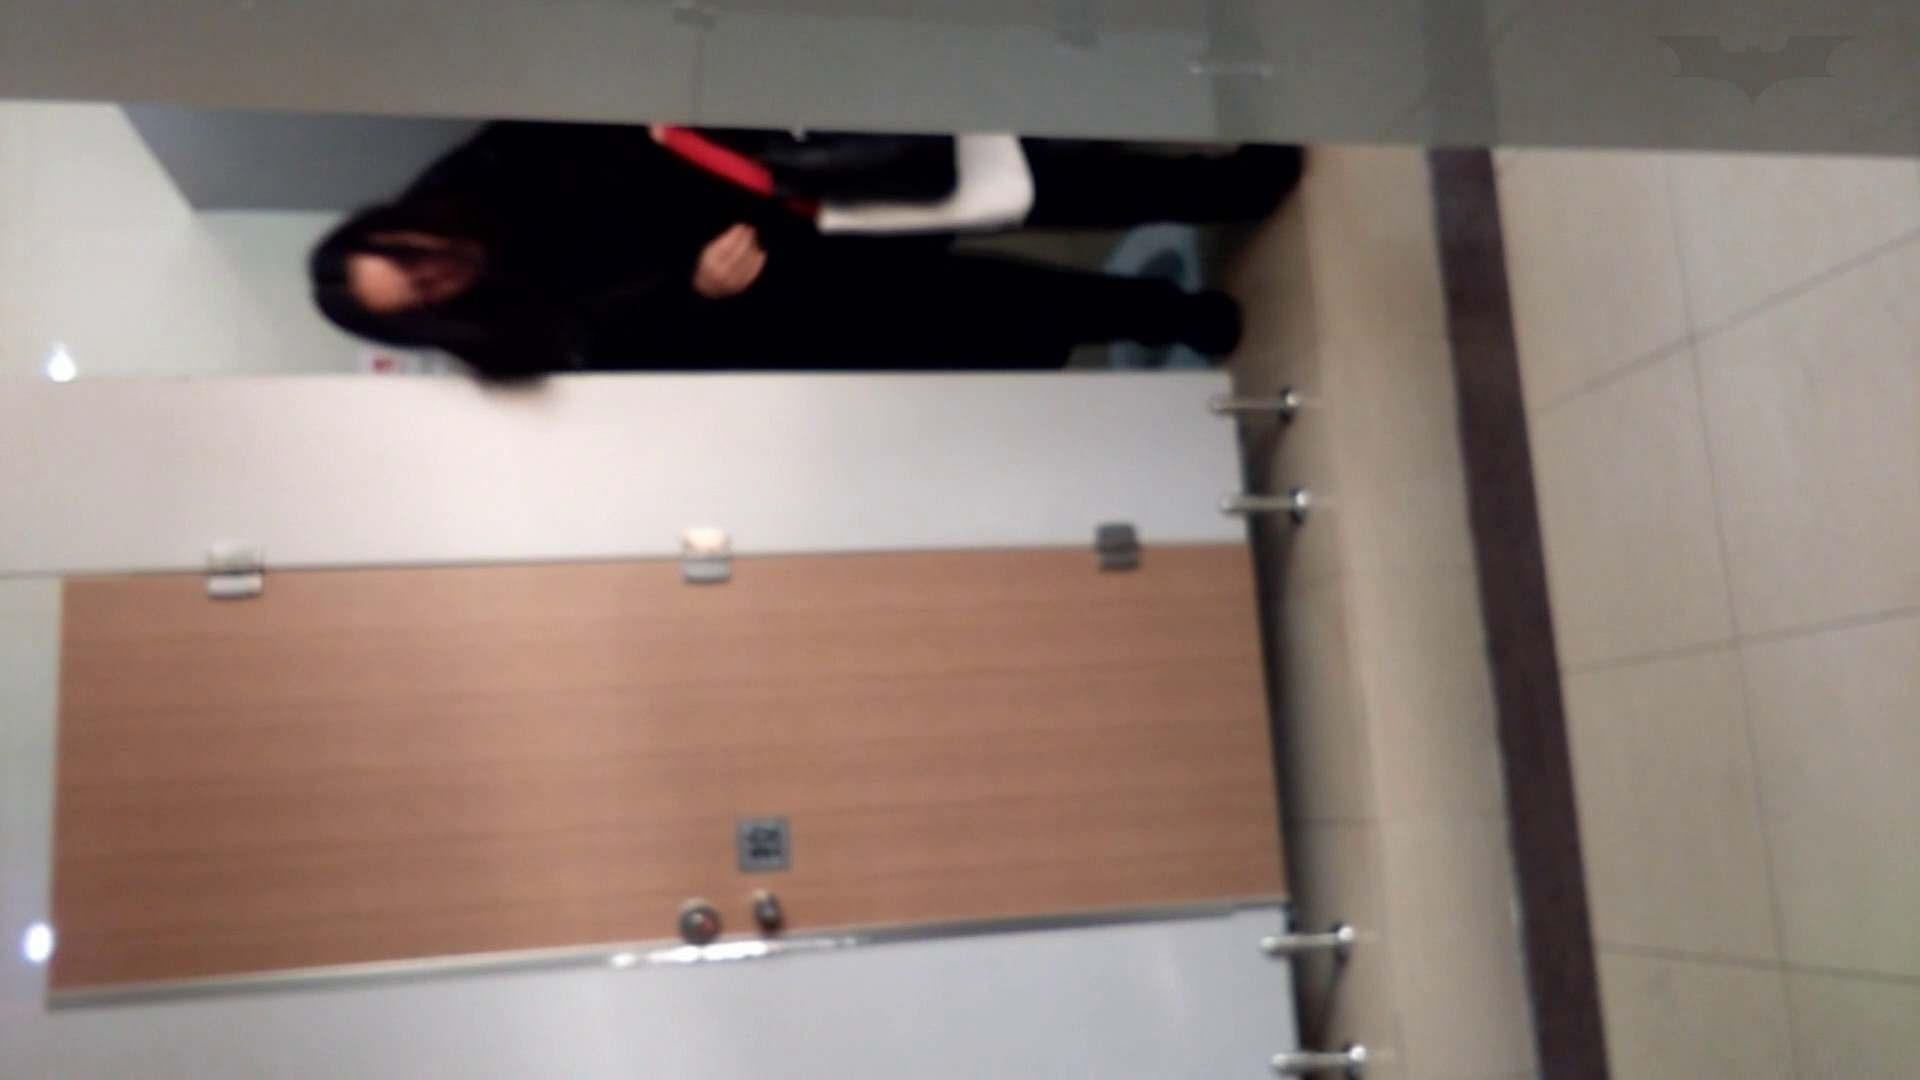 芸術大学ガチ潜入盗撮 JD盗撮 美女の洗面所の秘密 Vol.99 丸見え オマンコ無修正動画無料 88画像 25